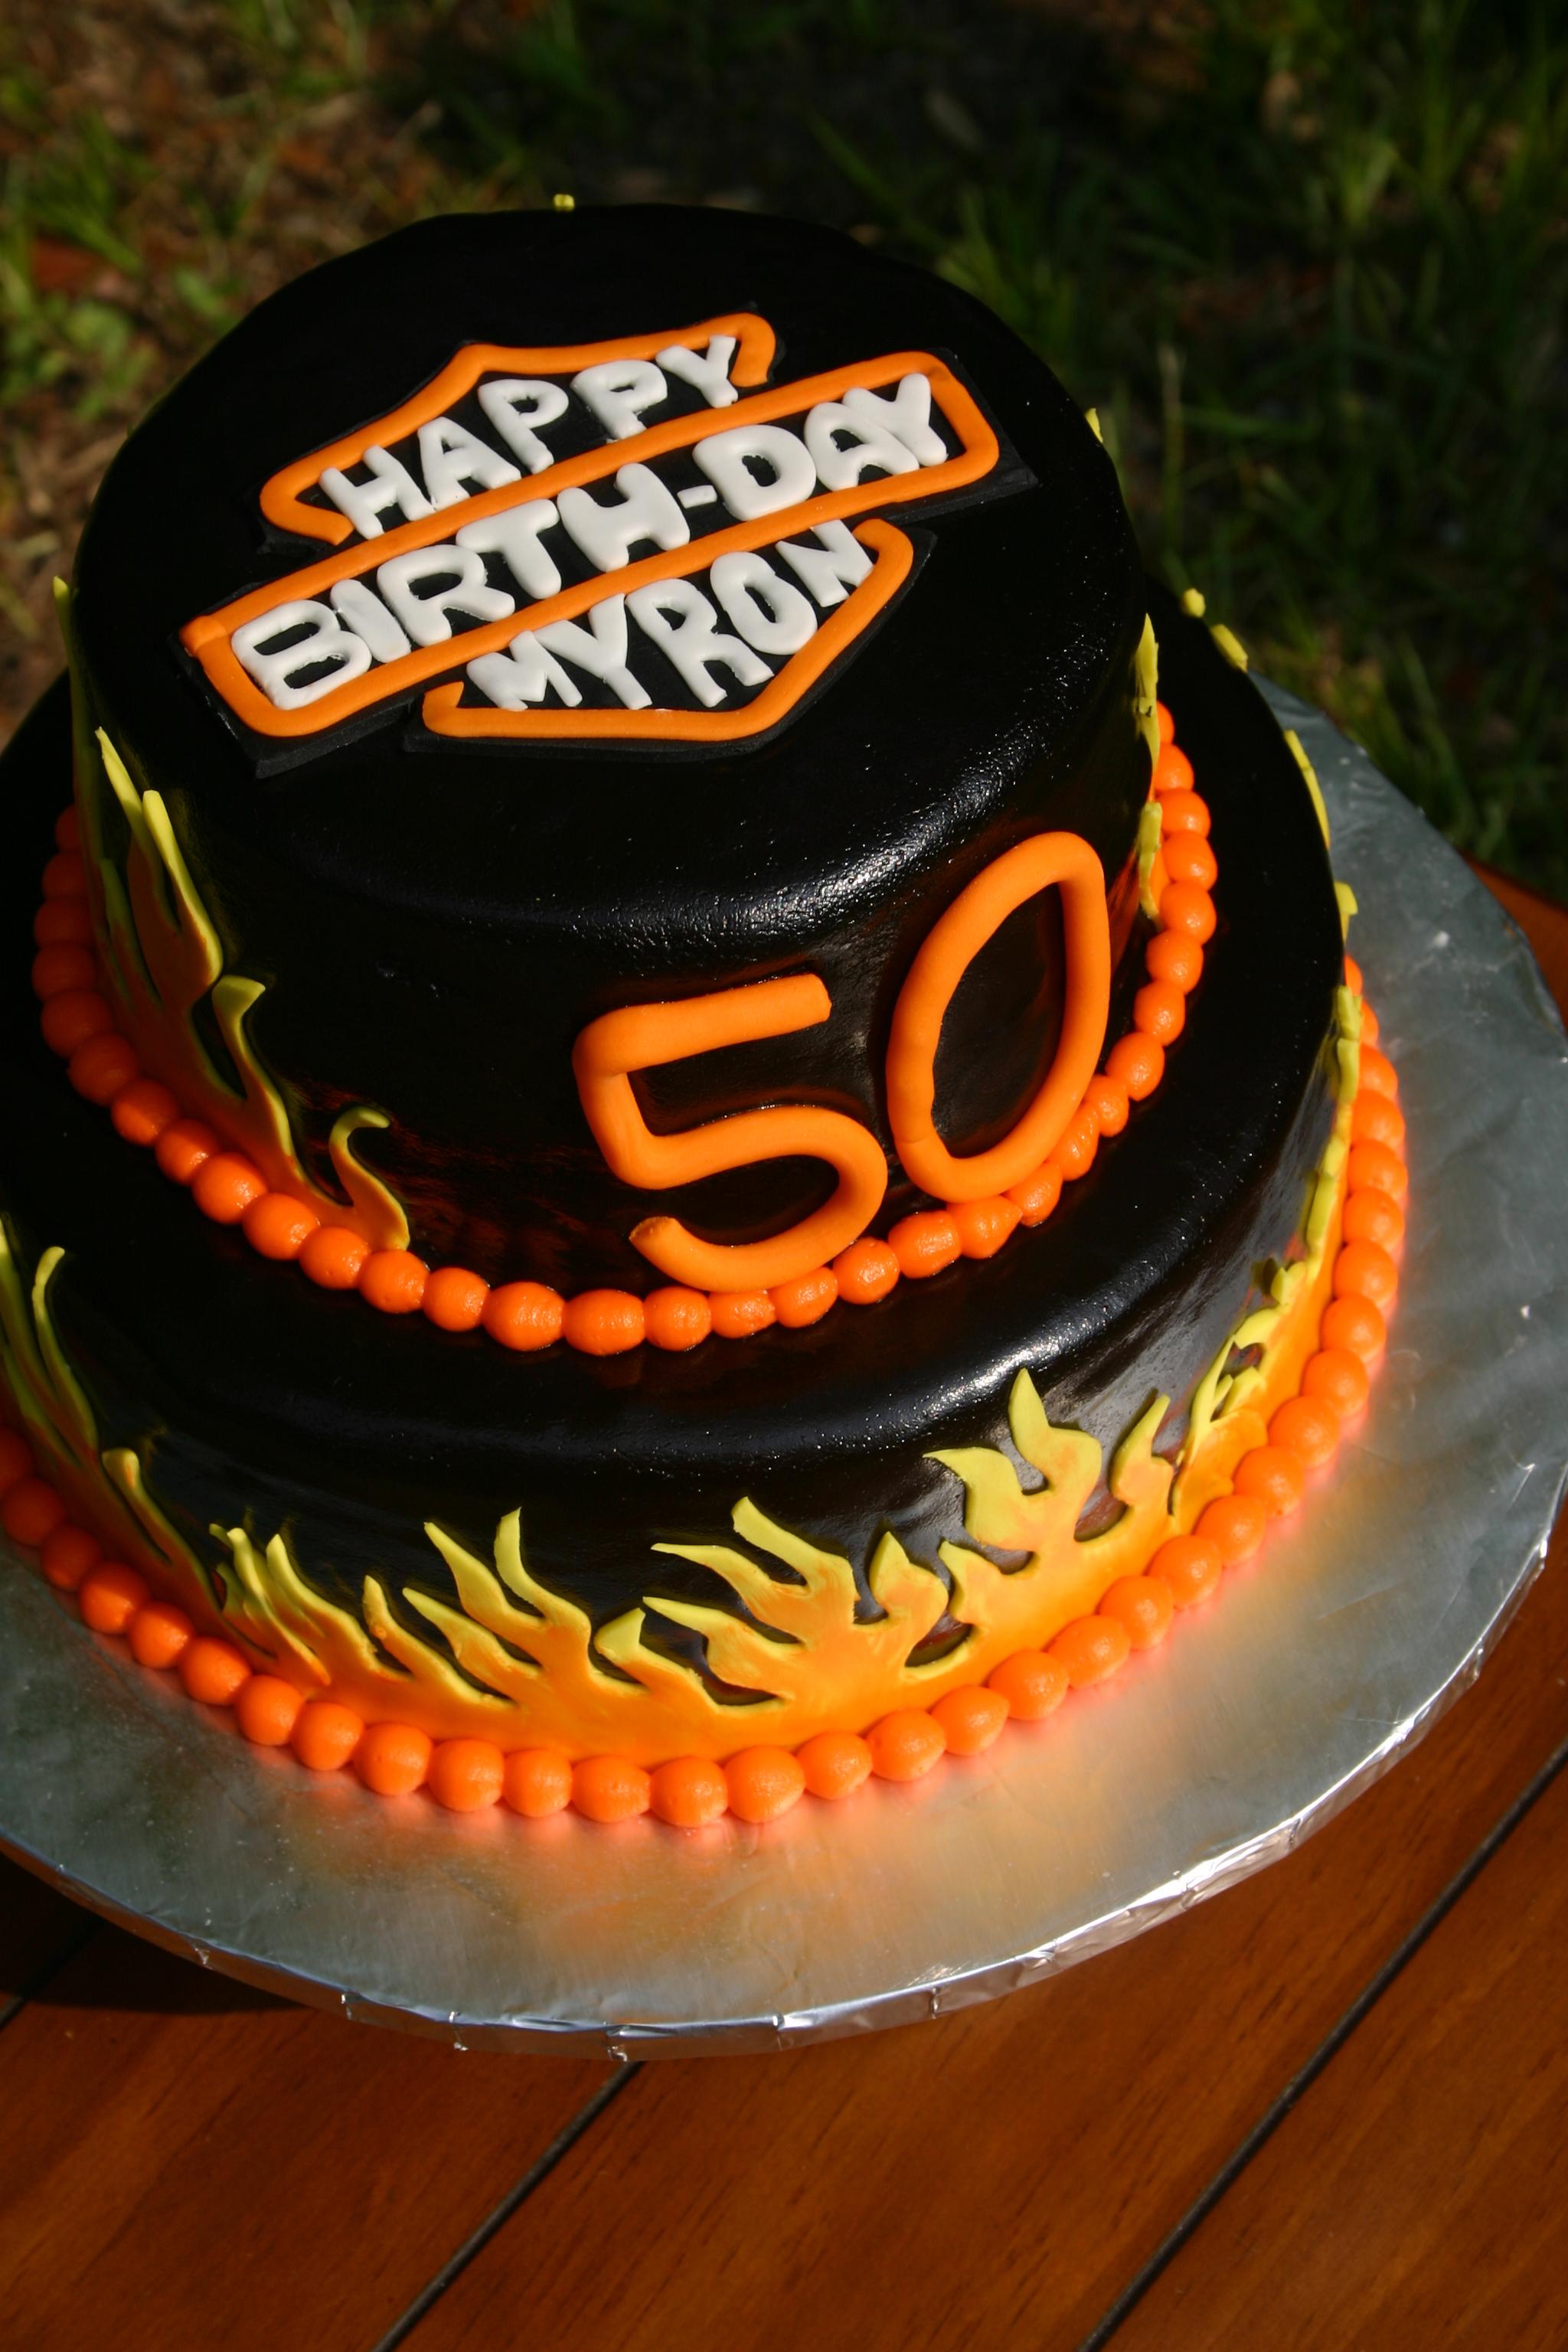 Girly HarleyDavidson cake Lolos Cakes Sweets